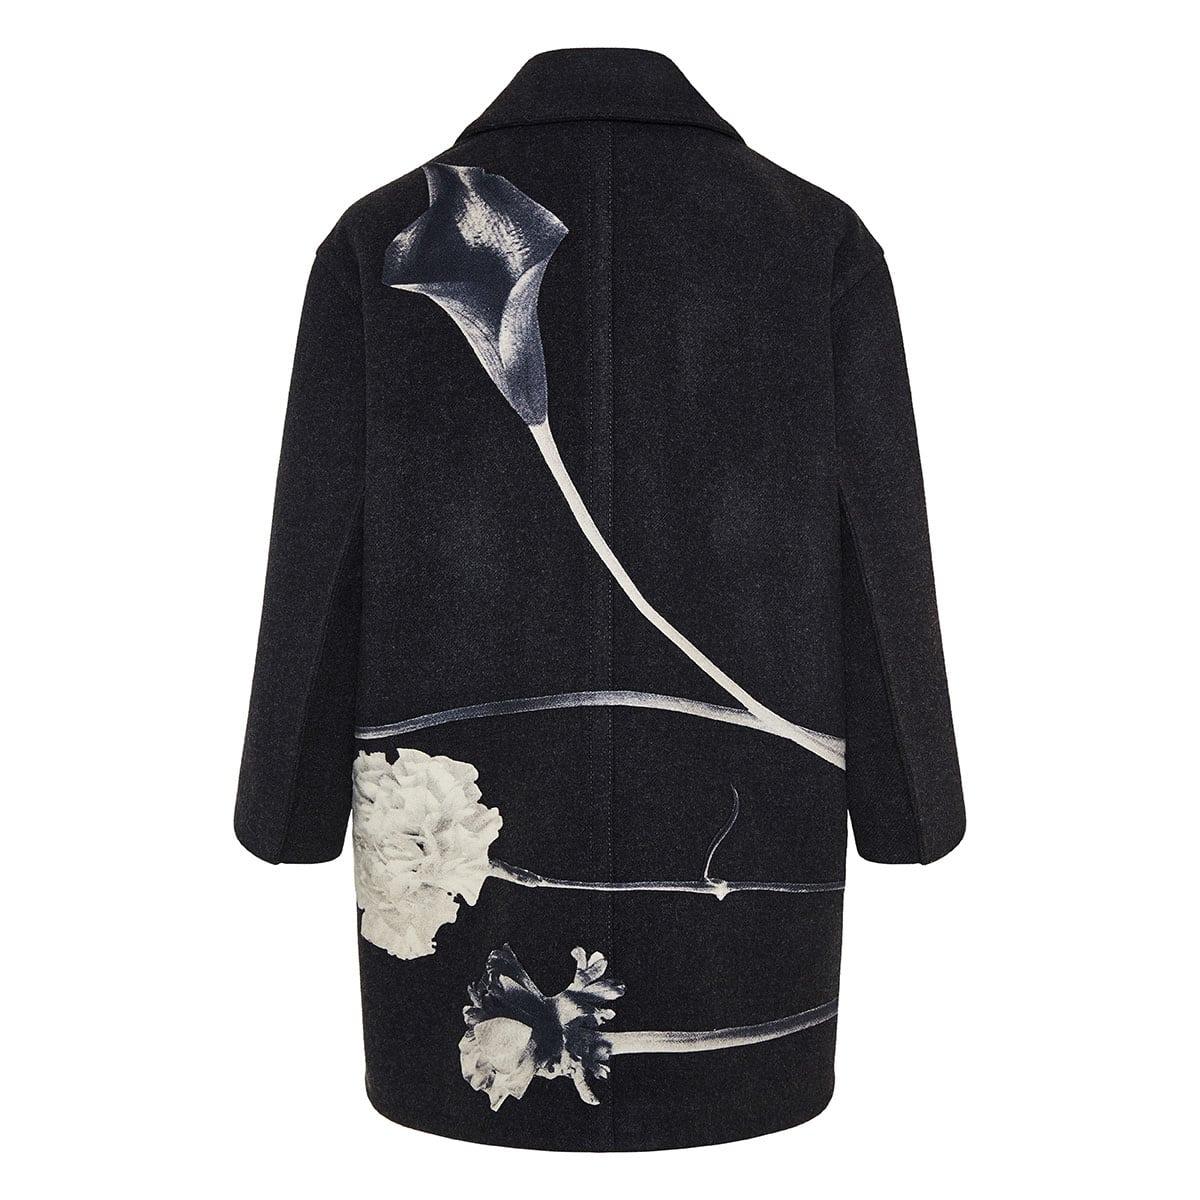 Flowersity wool coat